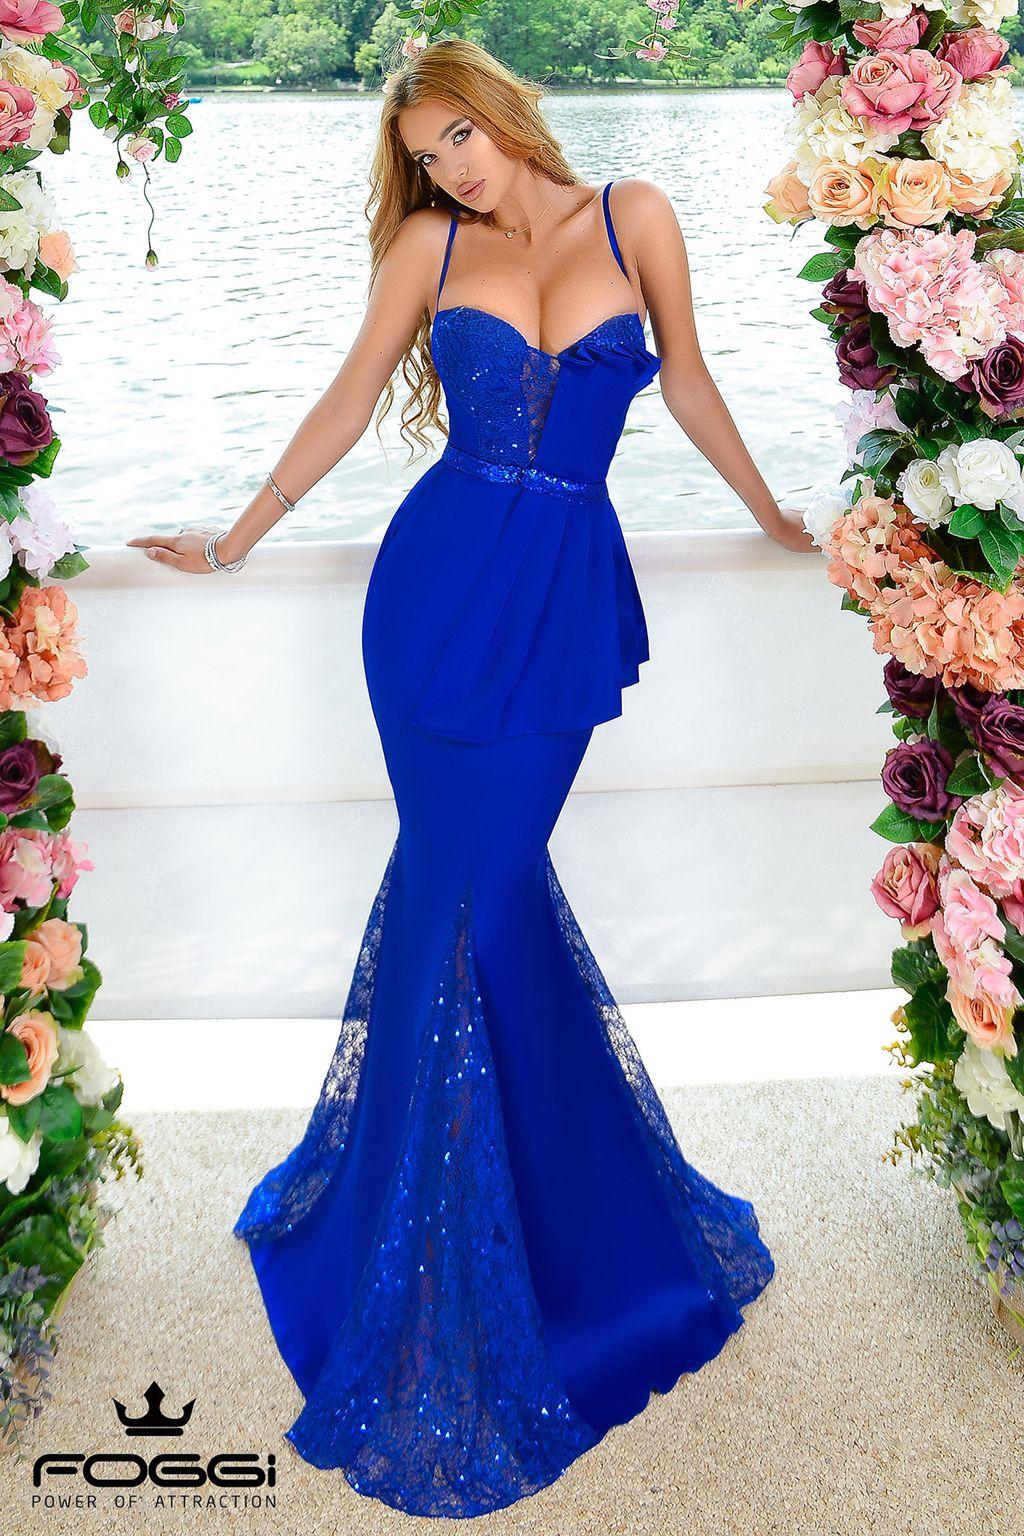 Abiti Blu Eleganti.Abito Lungo Elegante Blu Cobalto Con Pizzo In 2020 Nice Long